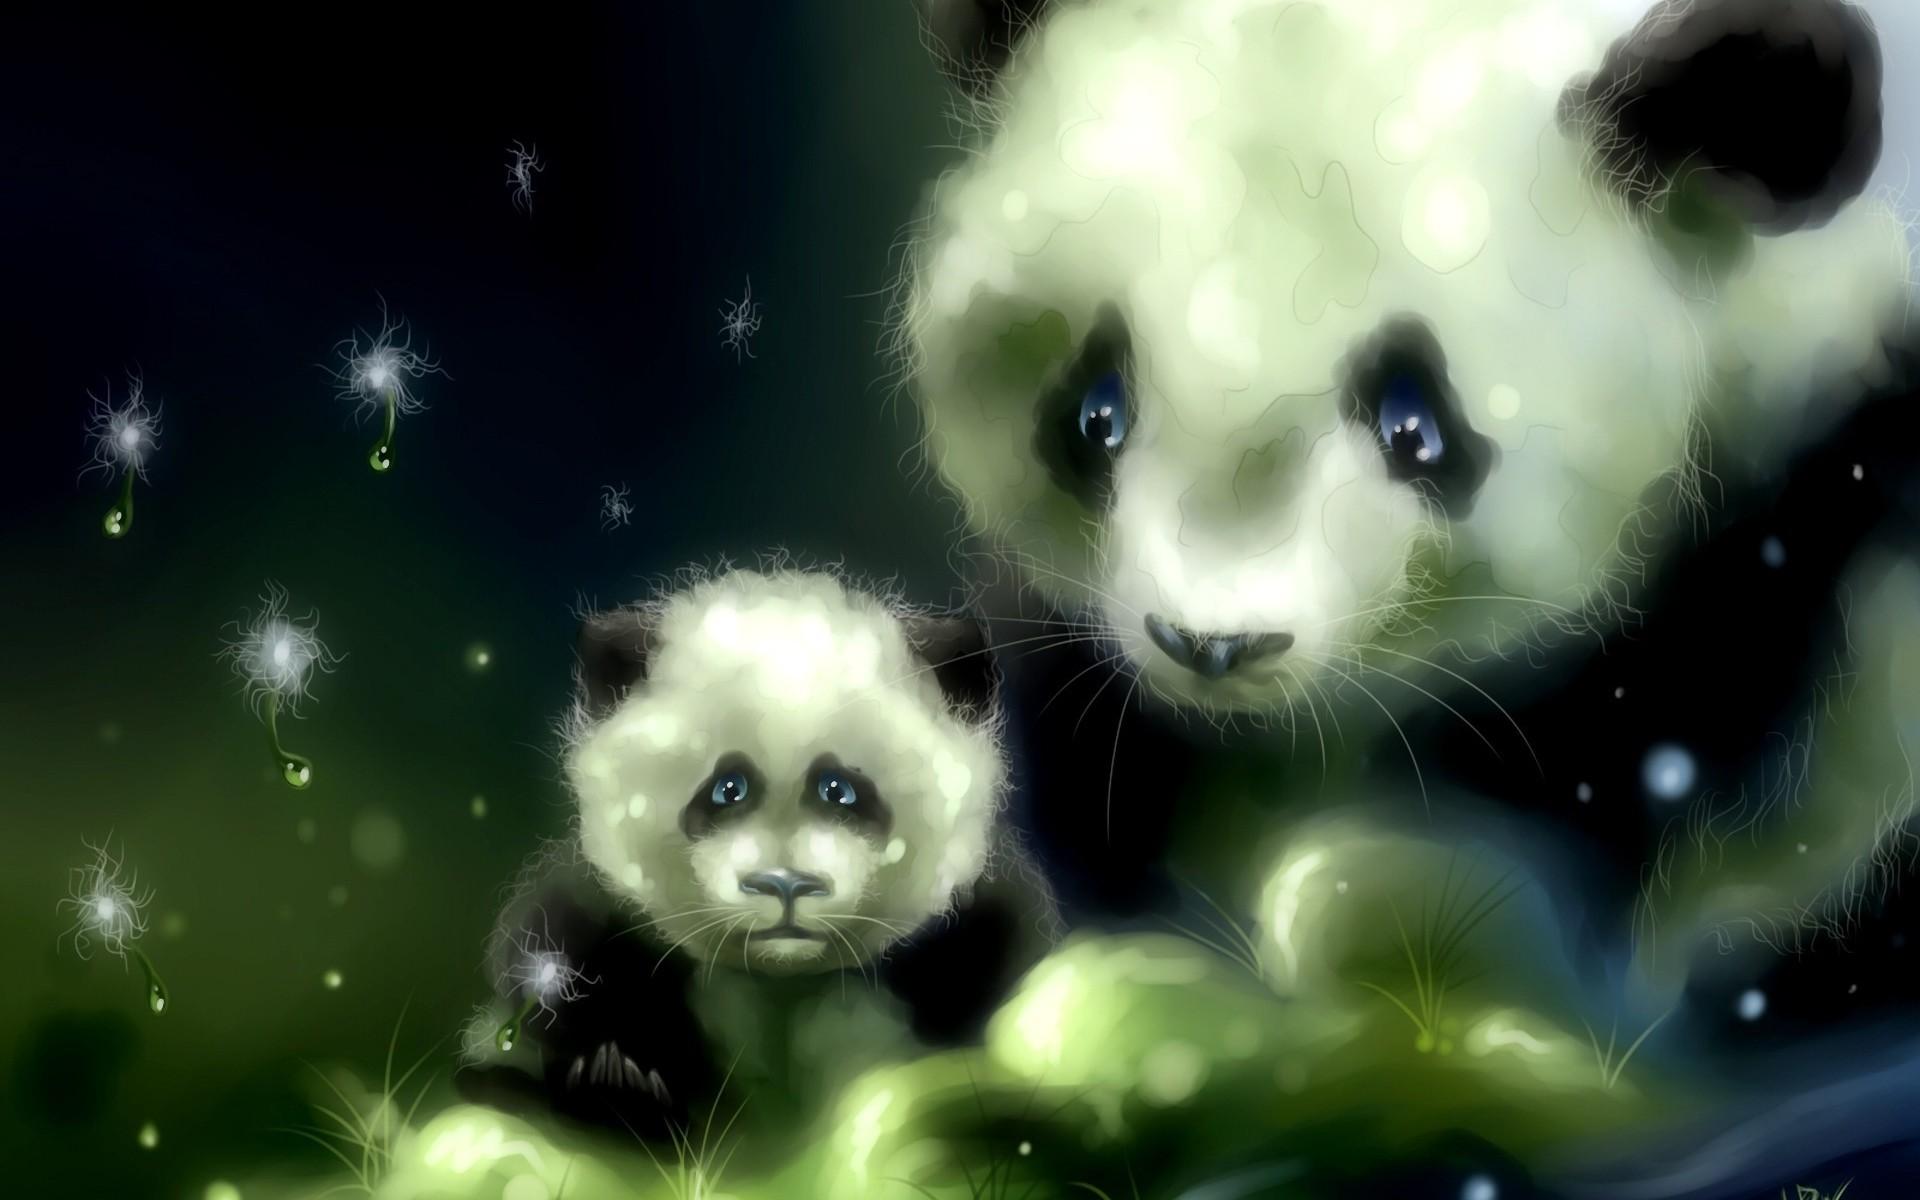 Group Of Cute Cartoon Panda Bear Wallpaper